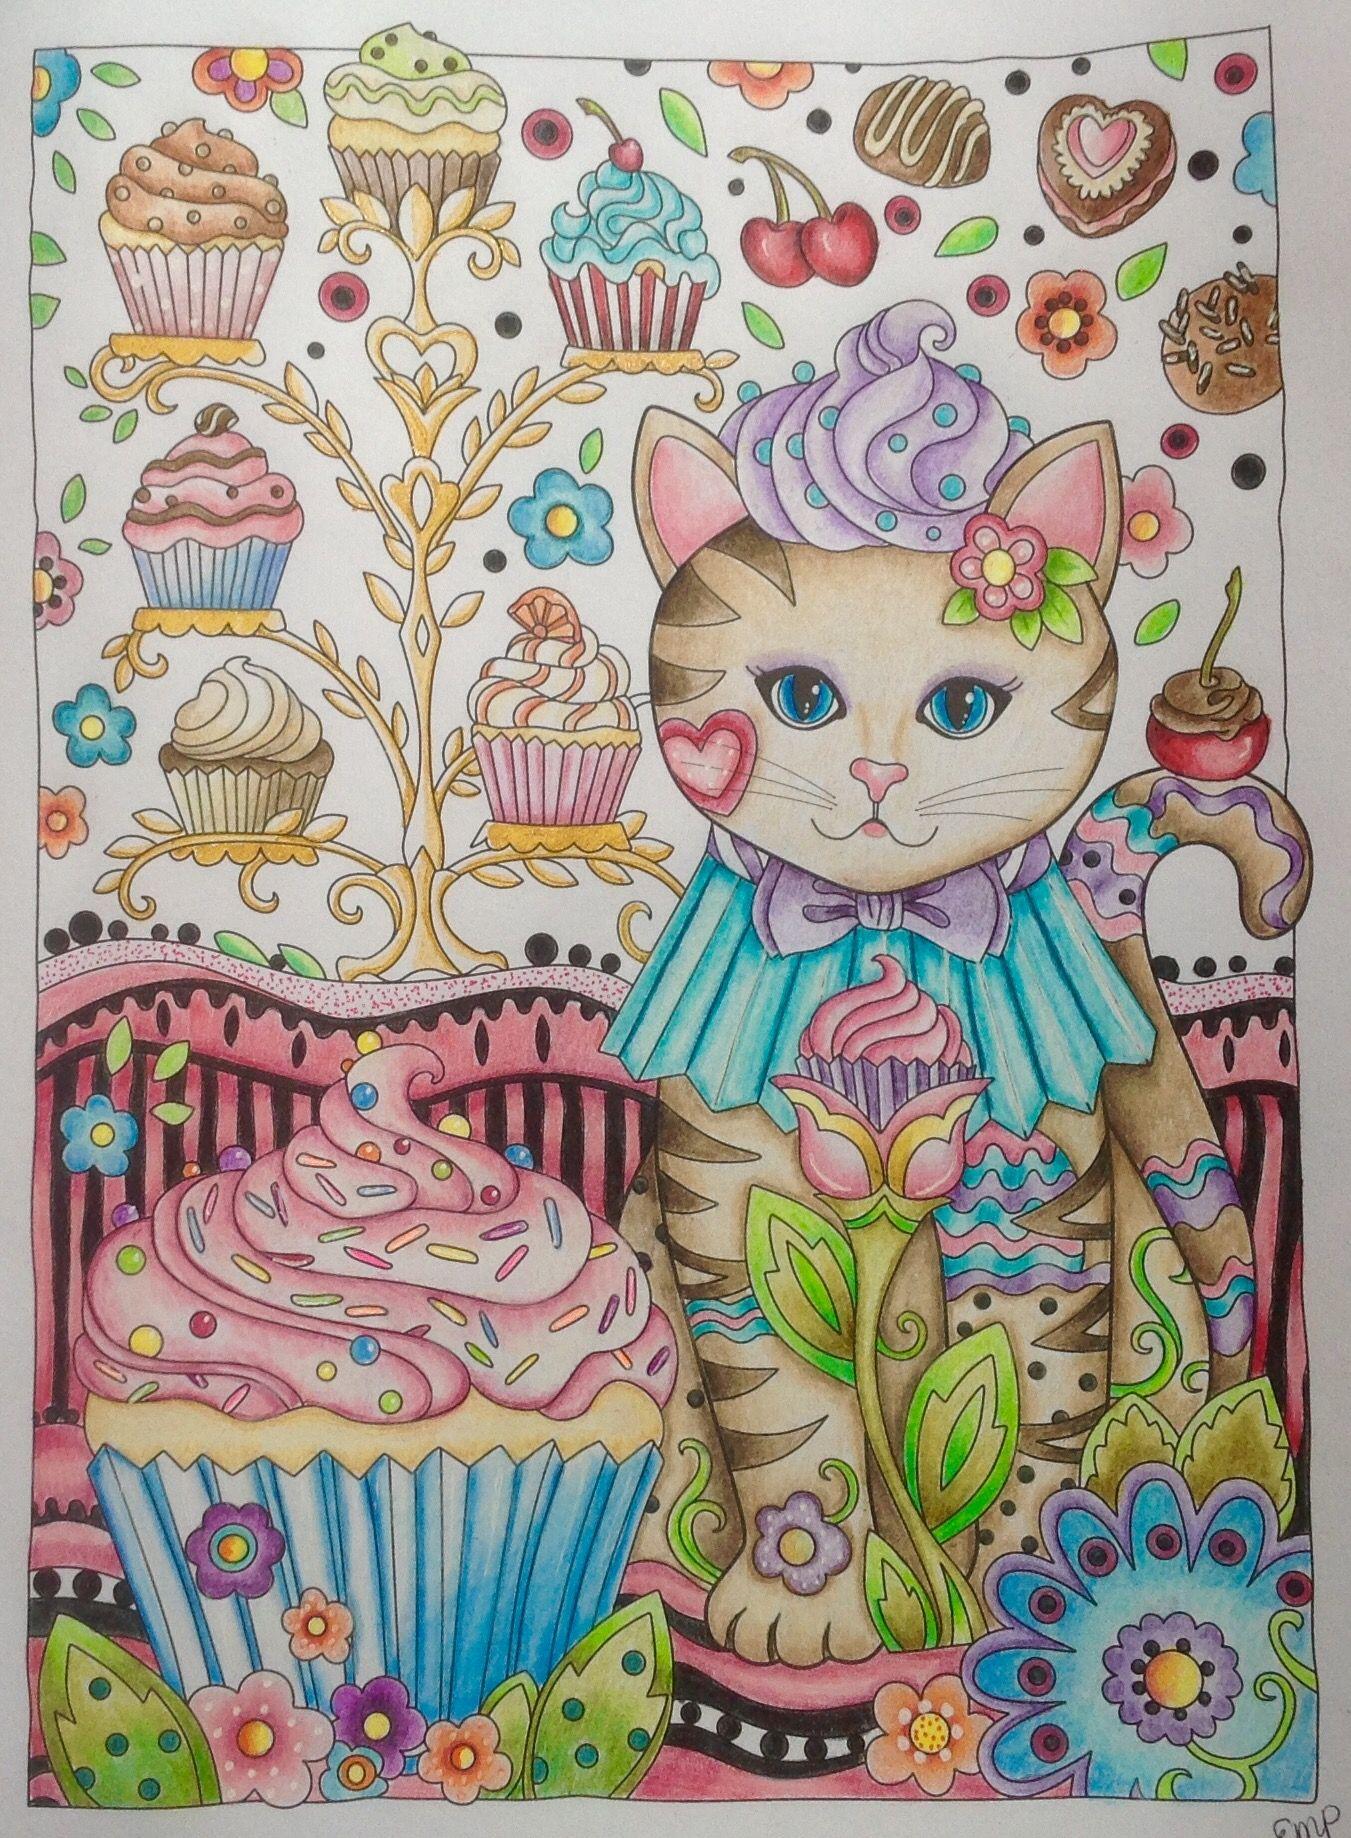 Pin by erna piatek on marjorie sarnat pinterest cat art